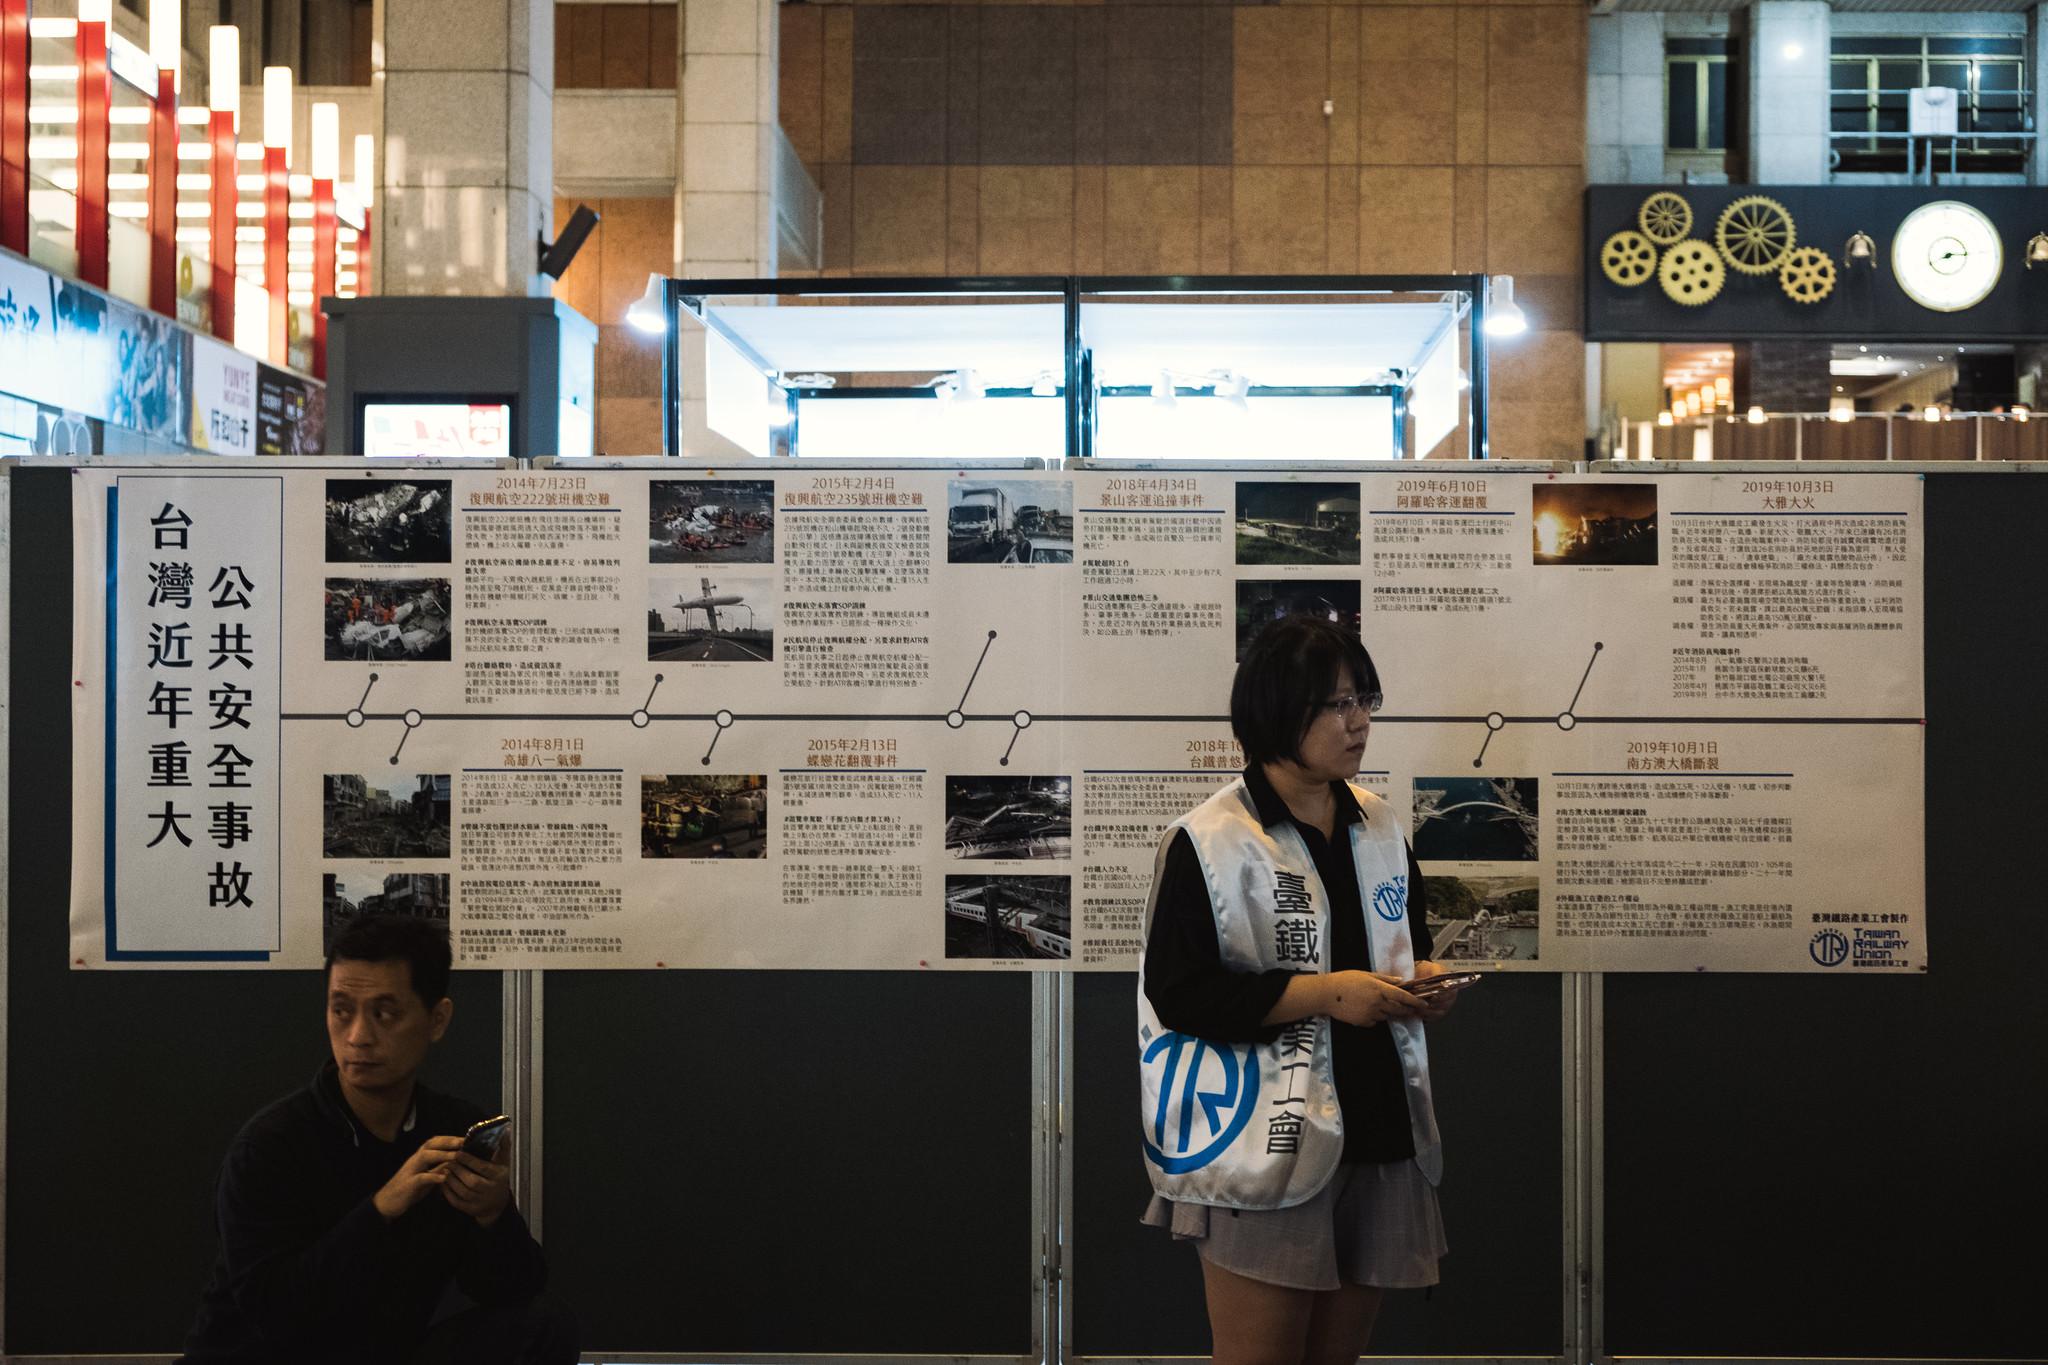 台鐵產工整理出近五年來台灣重大的公共安全事故:包含三起客運翻覆、普悠瑪翻覆、八一氣爆、復興空難、與近日的大雅大火和南方澳大橋事故。(攝影:唐佐欣)